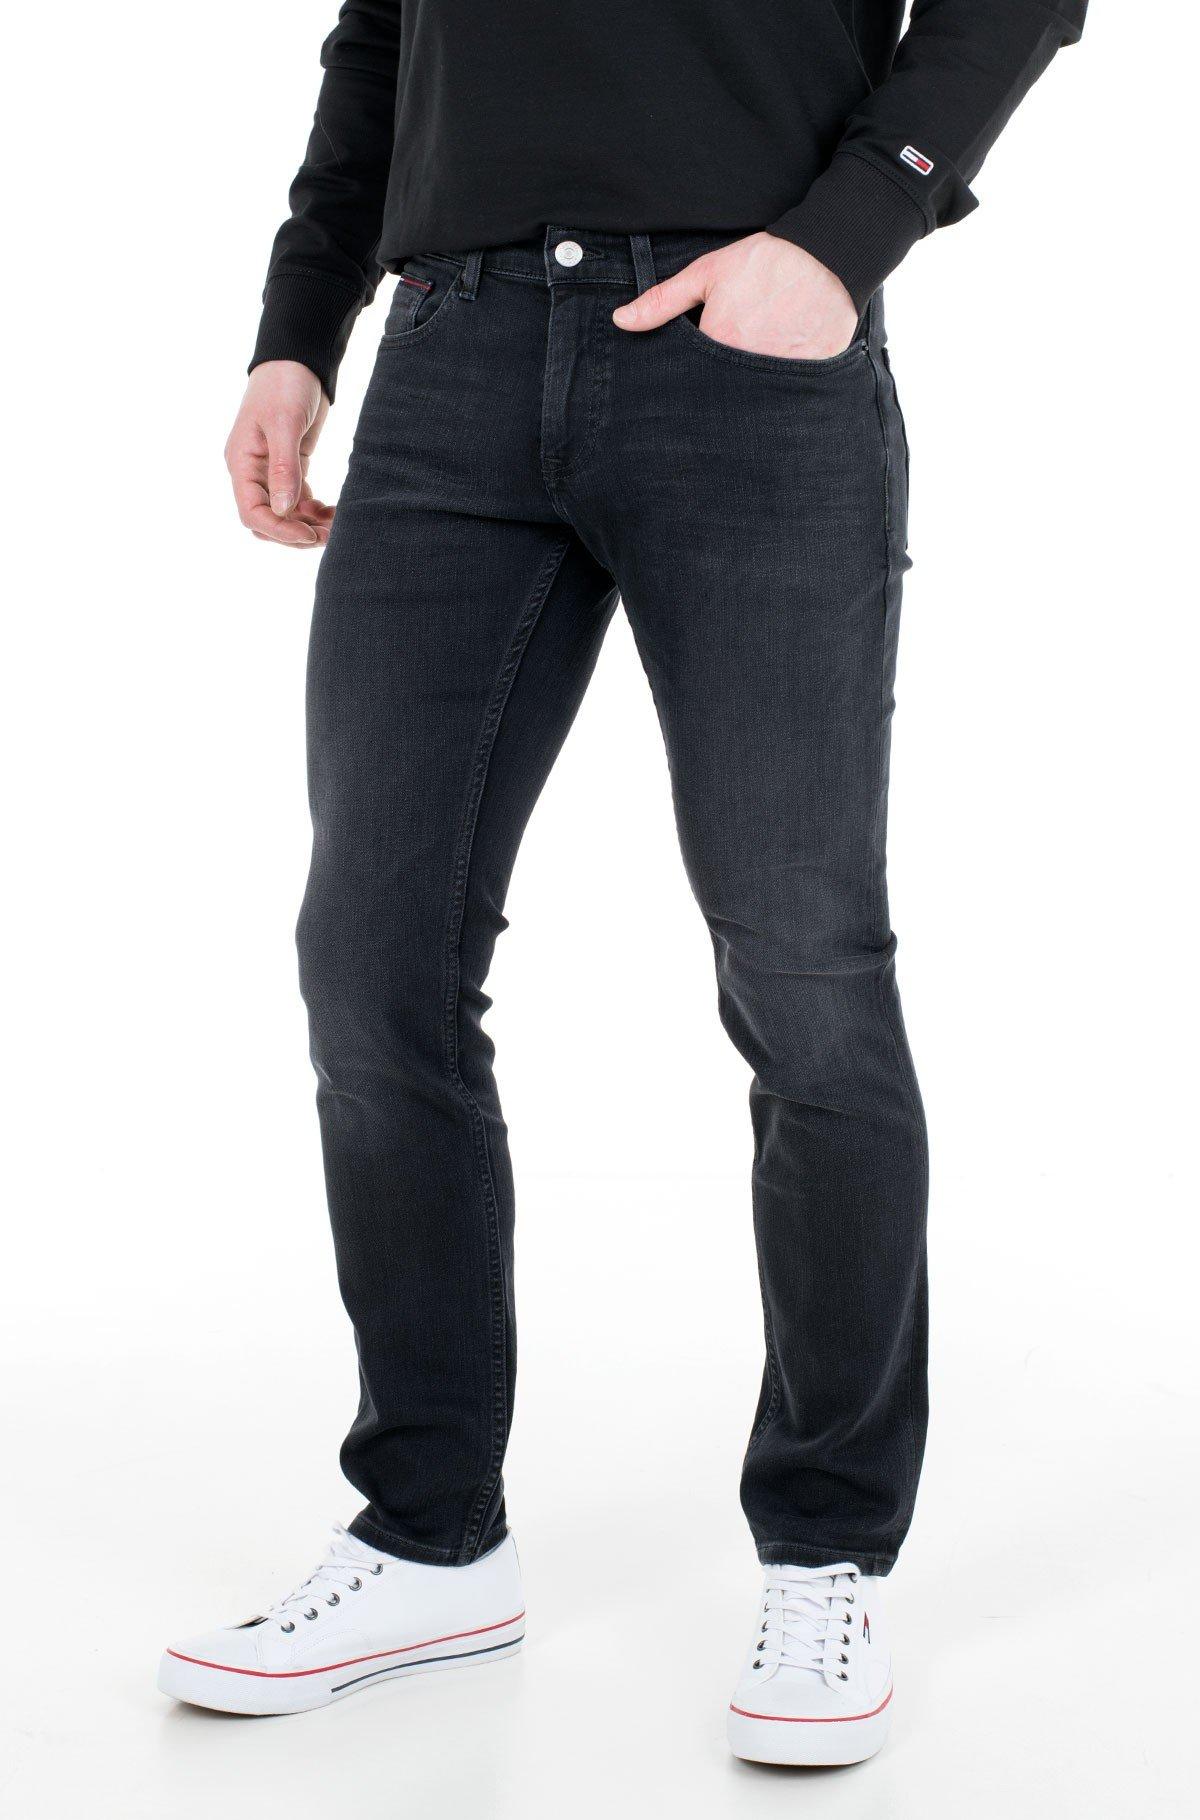 Jeans SCANTON SLIM CSBBS-full-1